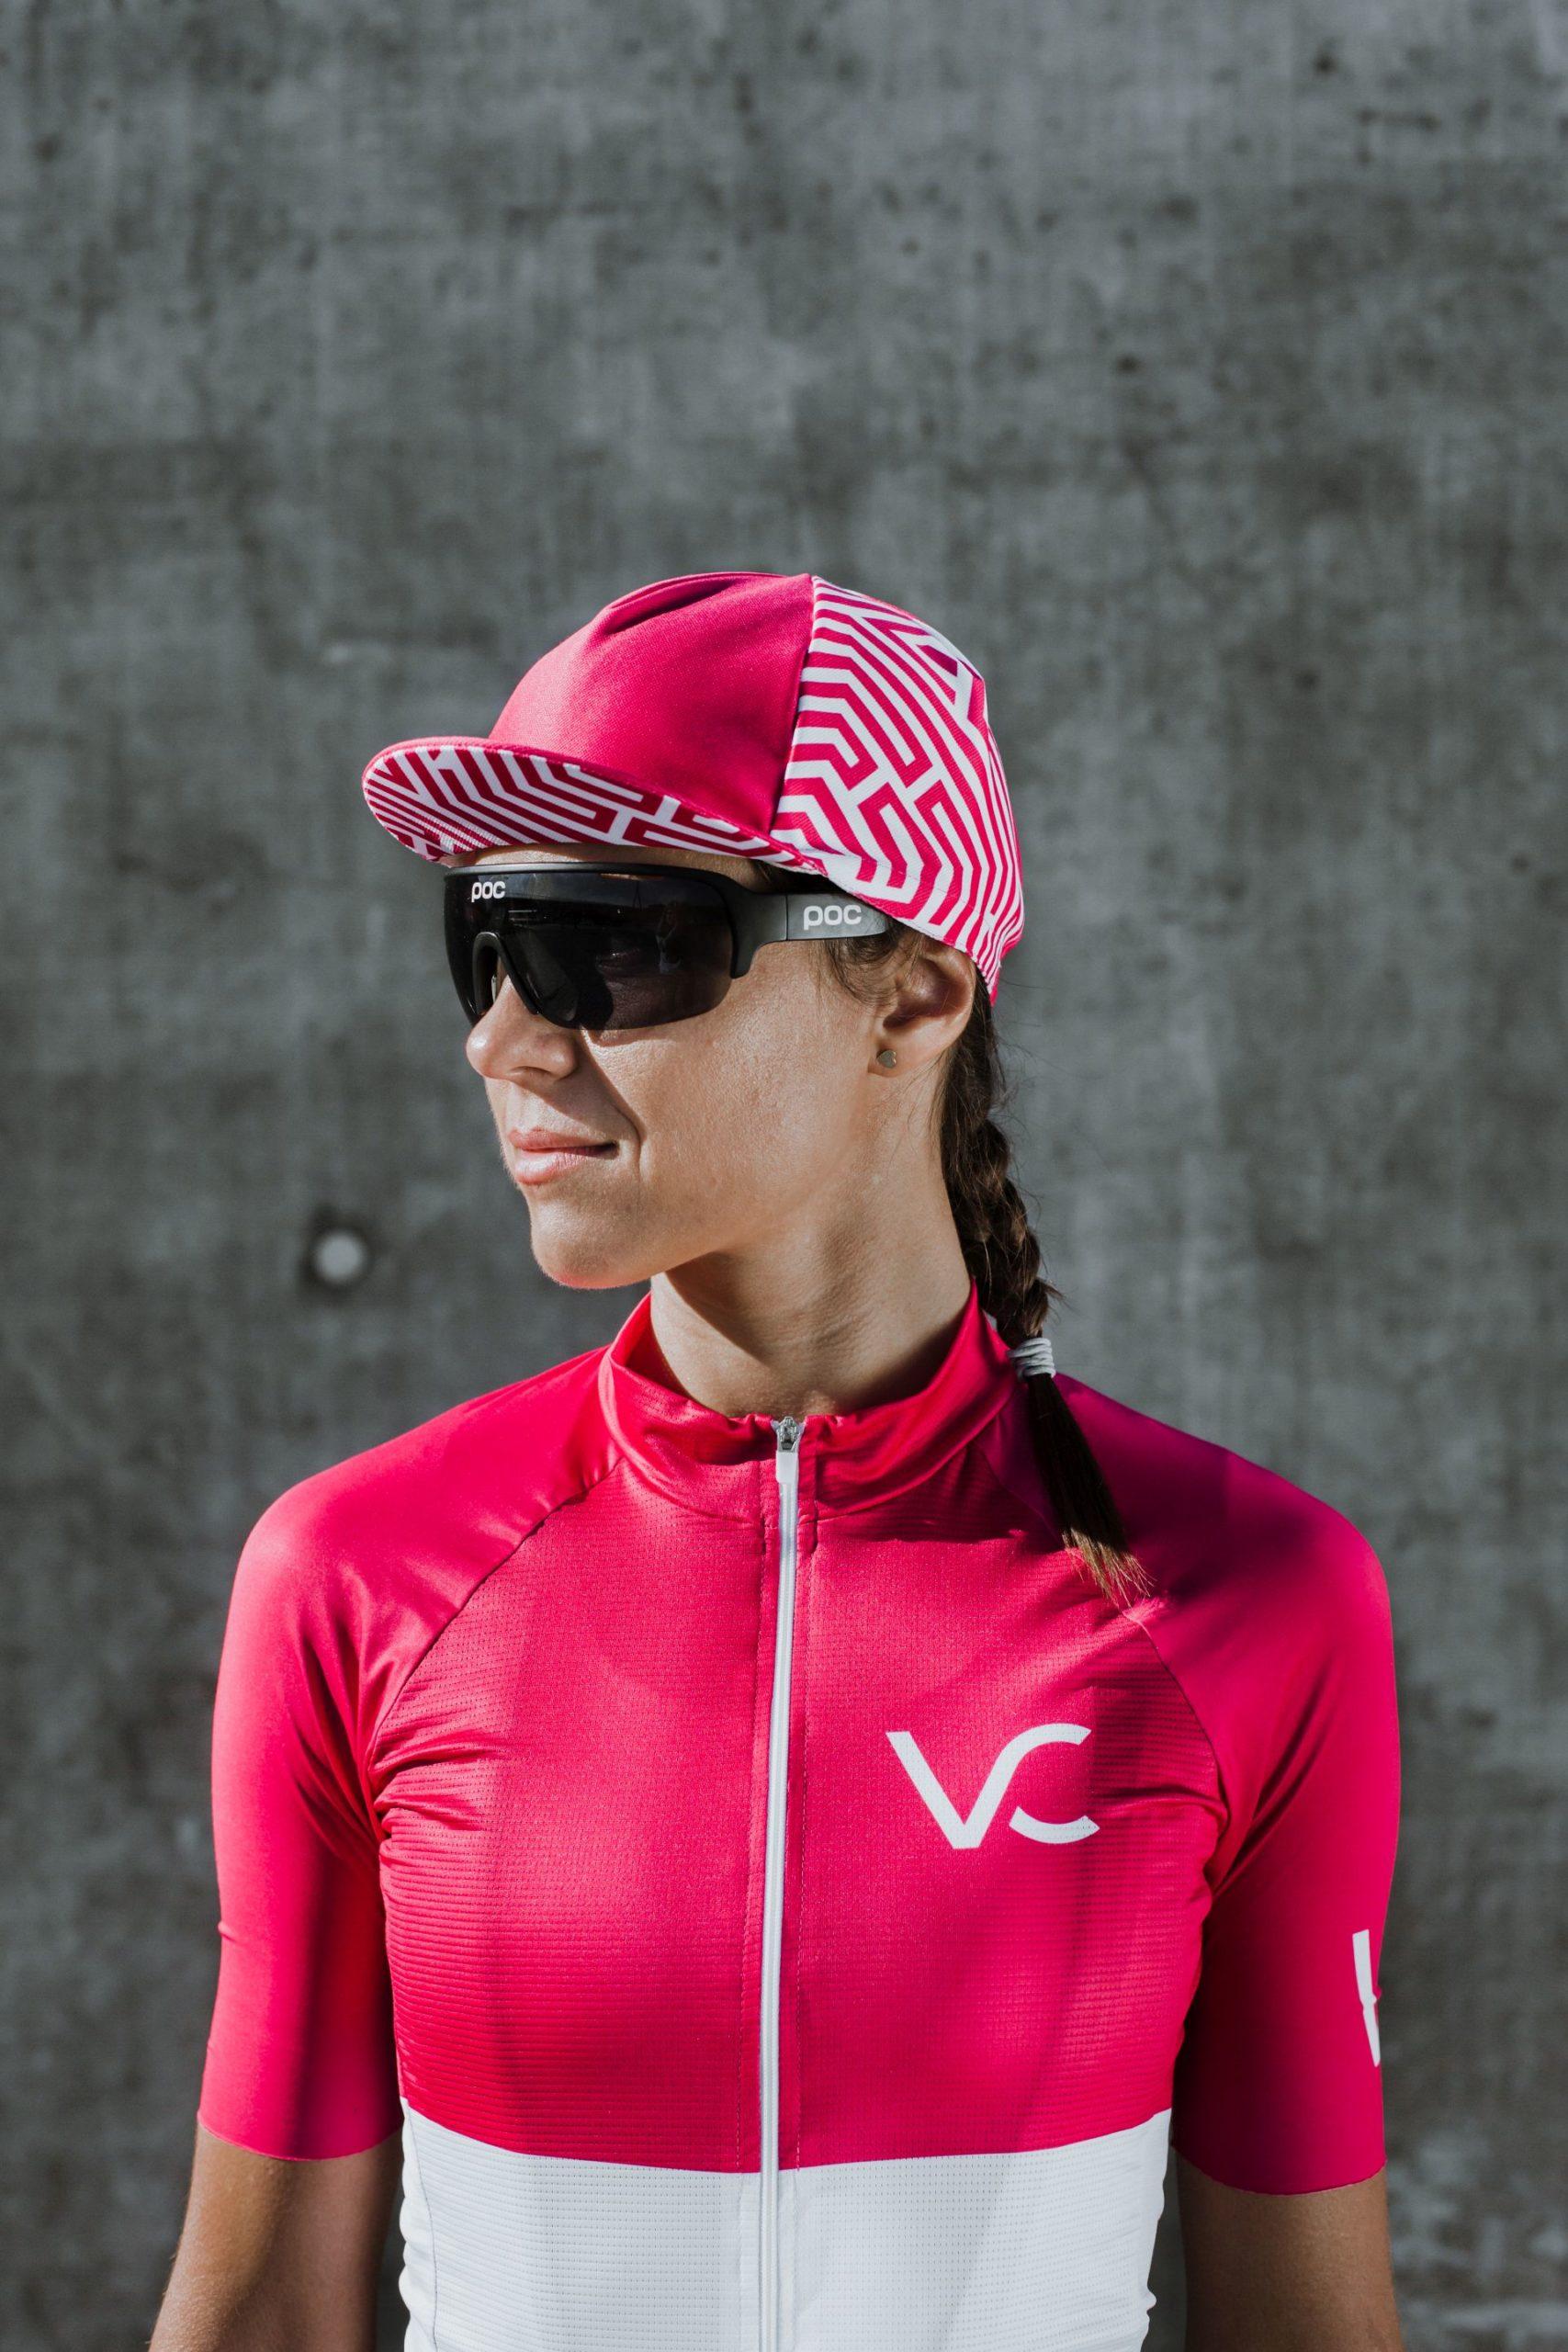 Czapka rowerowa Velcredo scaled - Dla Teamów2